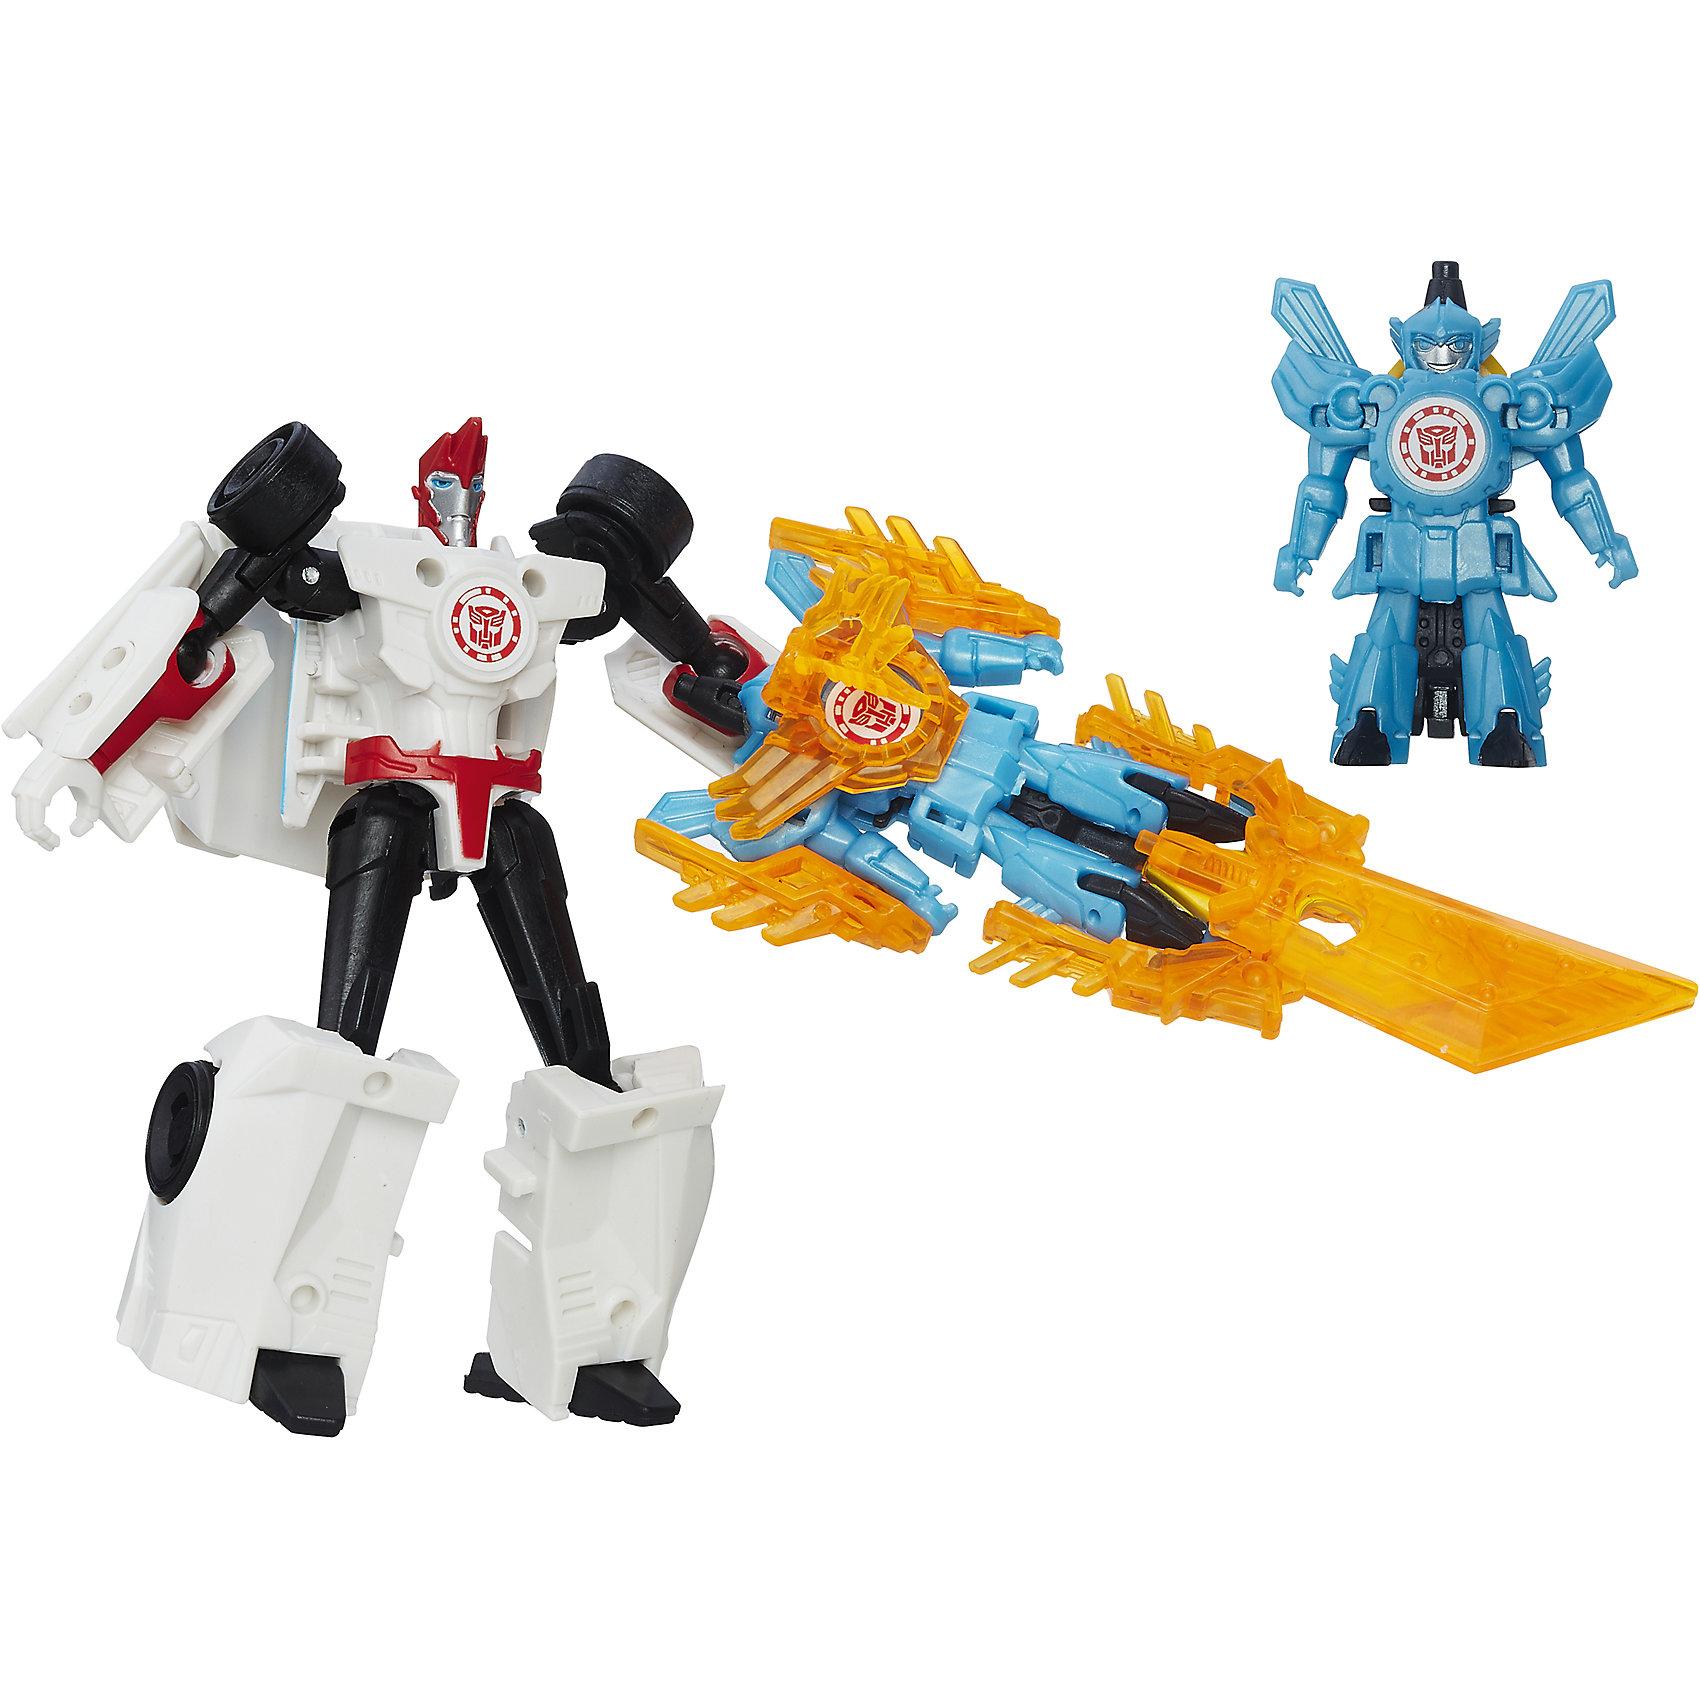 Миниконы Бэтл Пэкс, Роботс-ин-Дисгайс, Трансформеры, B4713/B7677Популярные игрушки<br>Характеристики:<br><br>• Материал: пластик<br>• Комплектация: 2 робота-трансформера, 8 аксессуаров<br>• Высота робота ?11 см, высота мини-кона ?5 см<br>• Трансформируется в гоночную машину за 5 шагов<br>• На игрушке имеется сканируемый жетон<br>• Вес в упаковке: 162 г<br>• Размеры упаковки (Г*Ш*В): 23,2*20,3*5,5 см<br>• Упаковка: блистер на картонной подложке<br><br>Наборы этой коллекции состоят из робота-трансформера, мини-кона и коллекции аксессуаров. Робот этой коллекции за 5 шагов трансформируется в гоночную машину. Фигурки героев выполнены из твердого пластика, устойчивого к повреждениям и трещинам, детали окрашены нетоксичной краской без запаха. Робот выполнен с высокой степенью достоверности и соответствия облику своего экранного прототипа.<br><br>Миникона Бэтл Пэкс, Роботс-ин-Дисгайс, Трансформеры, B4713/B7677 можно купить в нашем интернет-магазине.<br><br>Ширина мм: 232<br>Глубина мм: 203<br>Высота мм: 55<br>Вес г: 162<br>Возраст от месяцев: 48<br>Возраст до месяцев: 96<br>Пол: Мужской<br>Возраст: Детский<br>SKU: 5489045